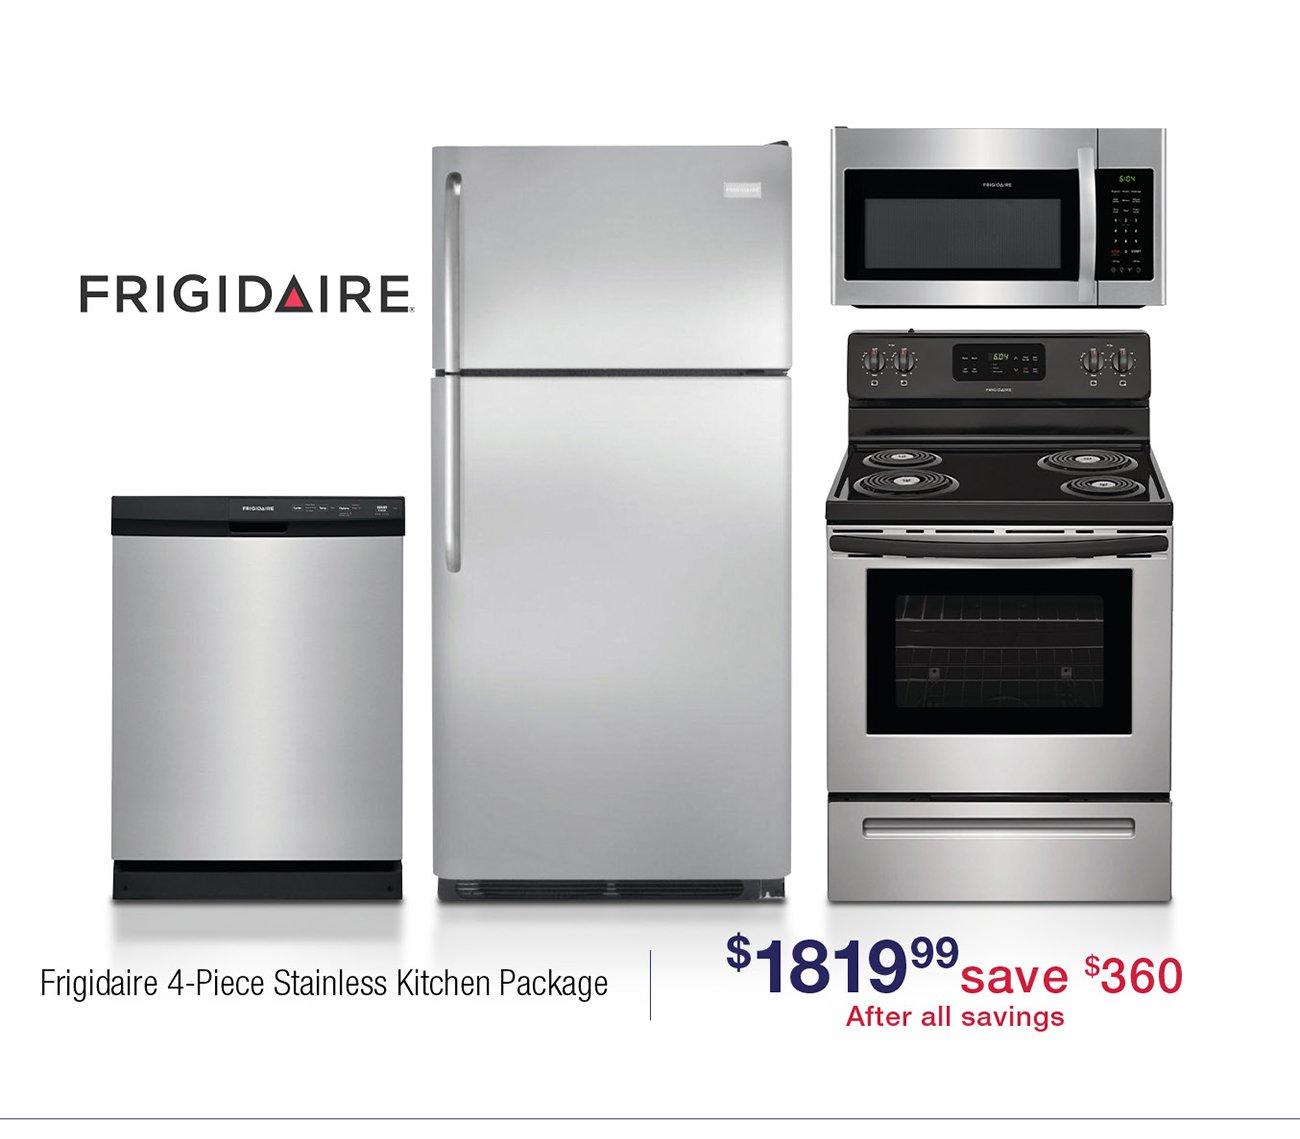 Frigidaire-kitchen-package